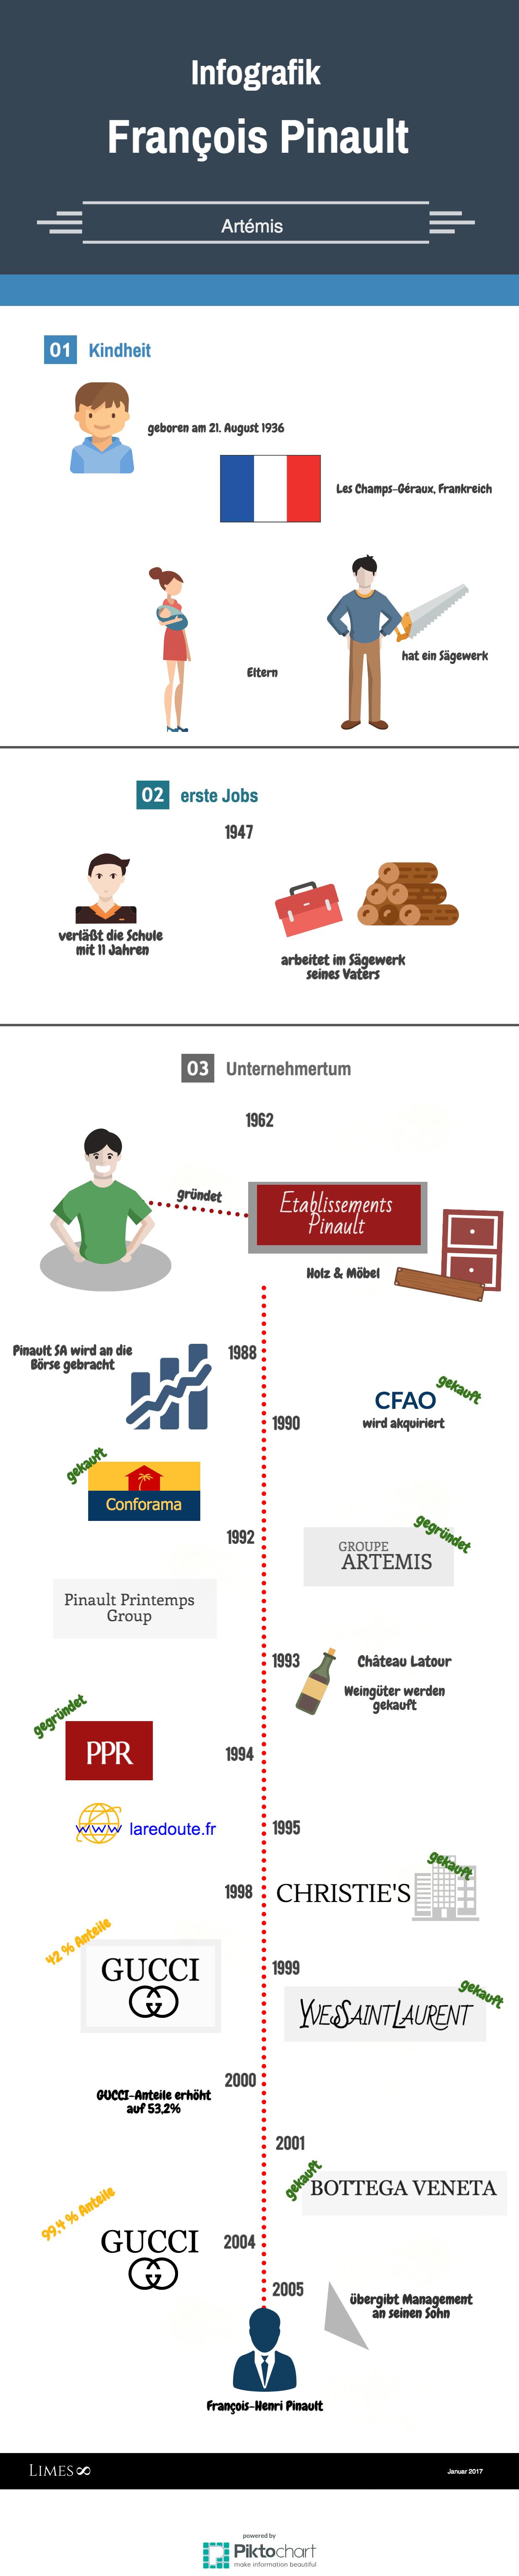 Informationsgrafik über den Milliardär Francois Pinault